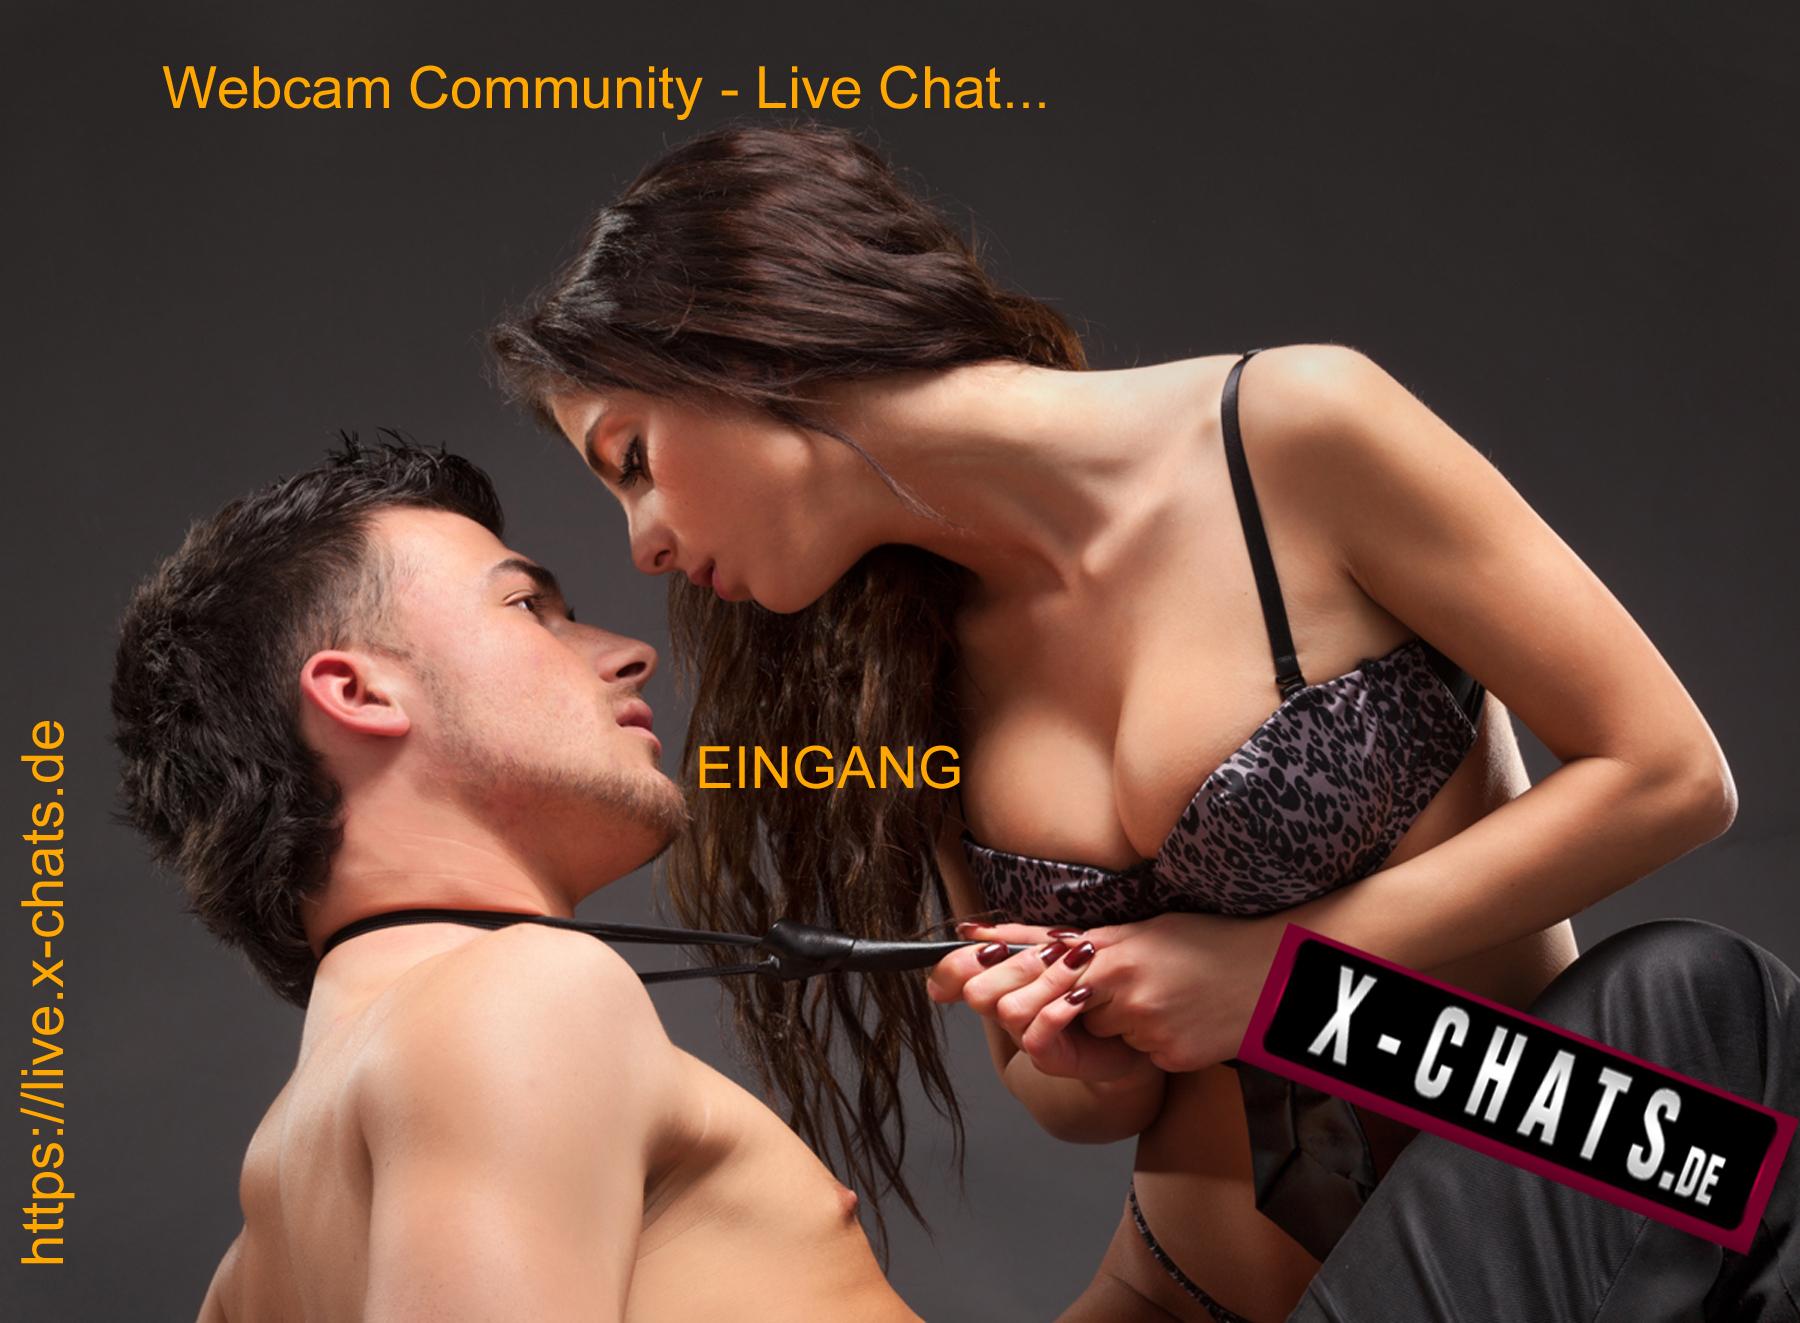 www.x-chats.de